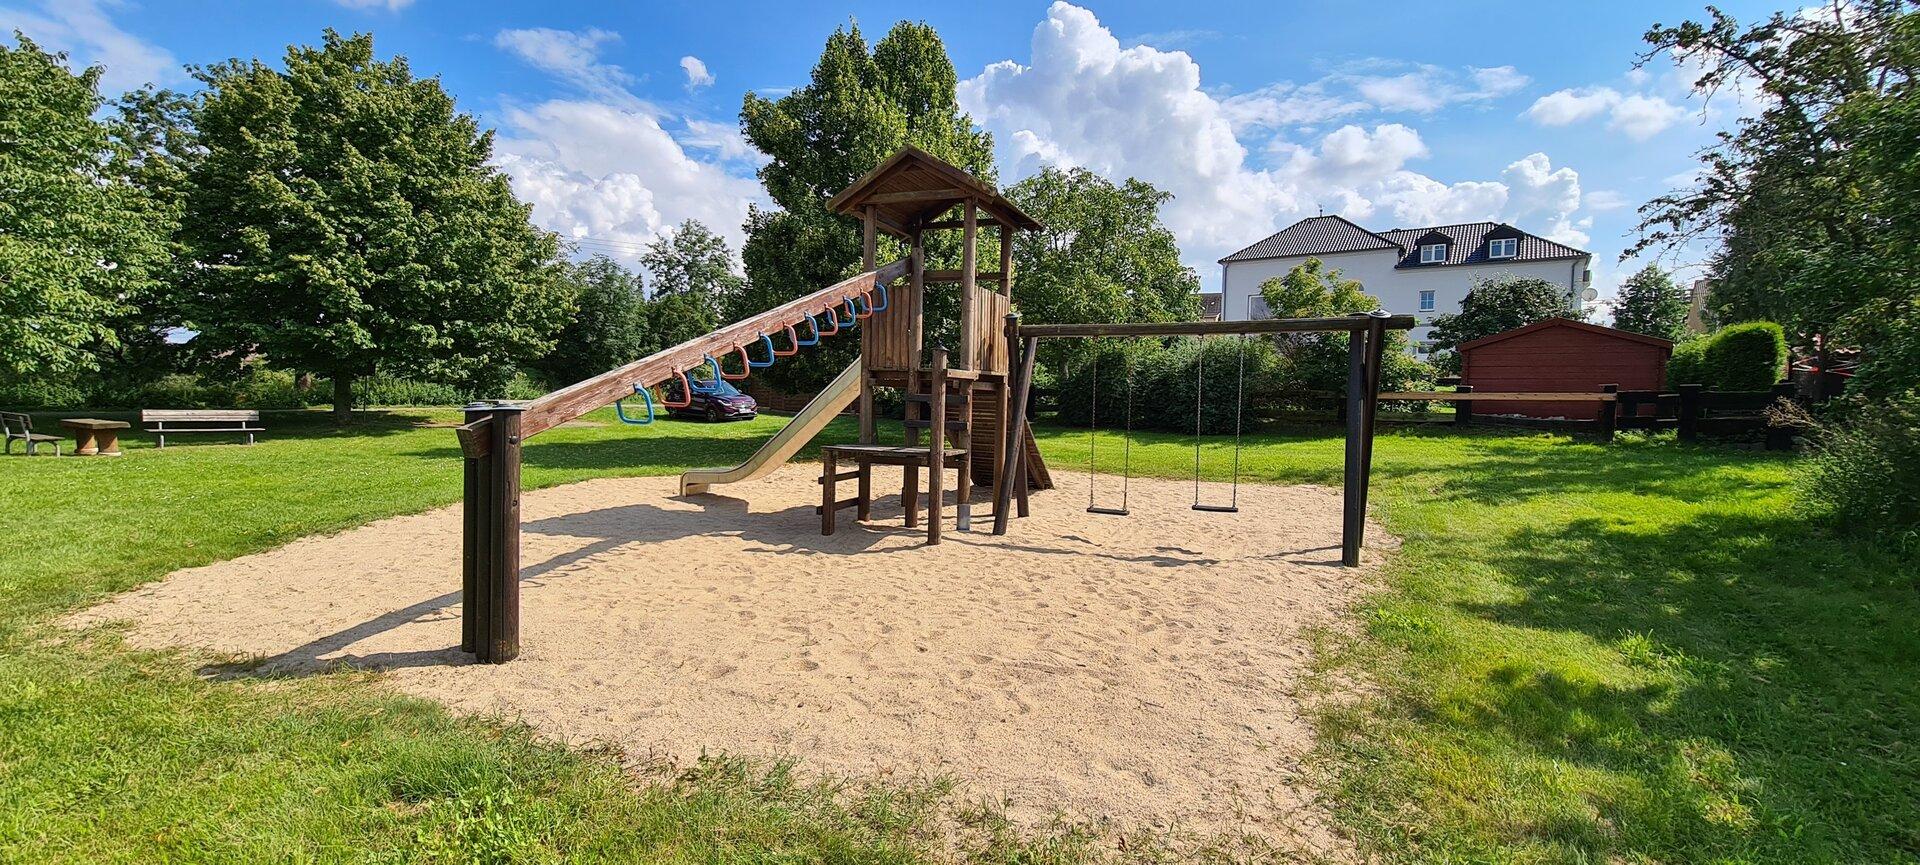 Spielplatz Görzig